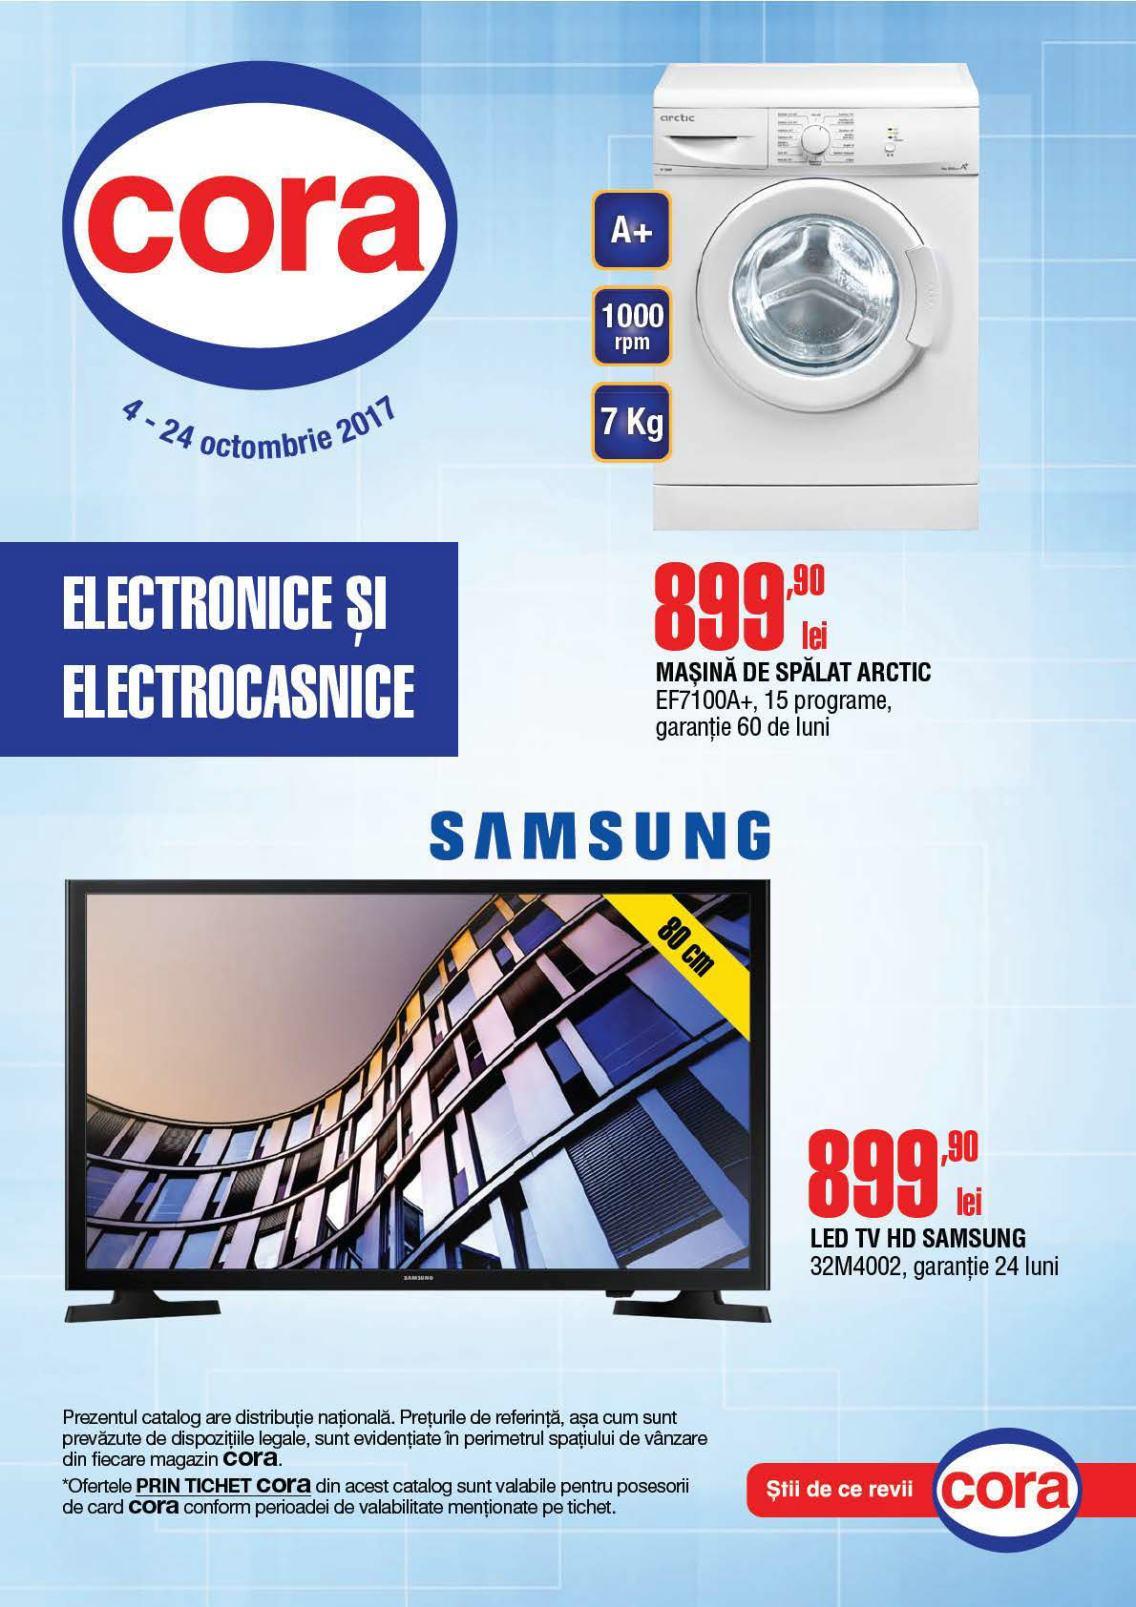 Catalog Cora oferte 4 Octombrie - 24 Octombrie 2017. Produse nealimentare